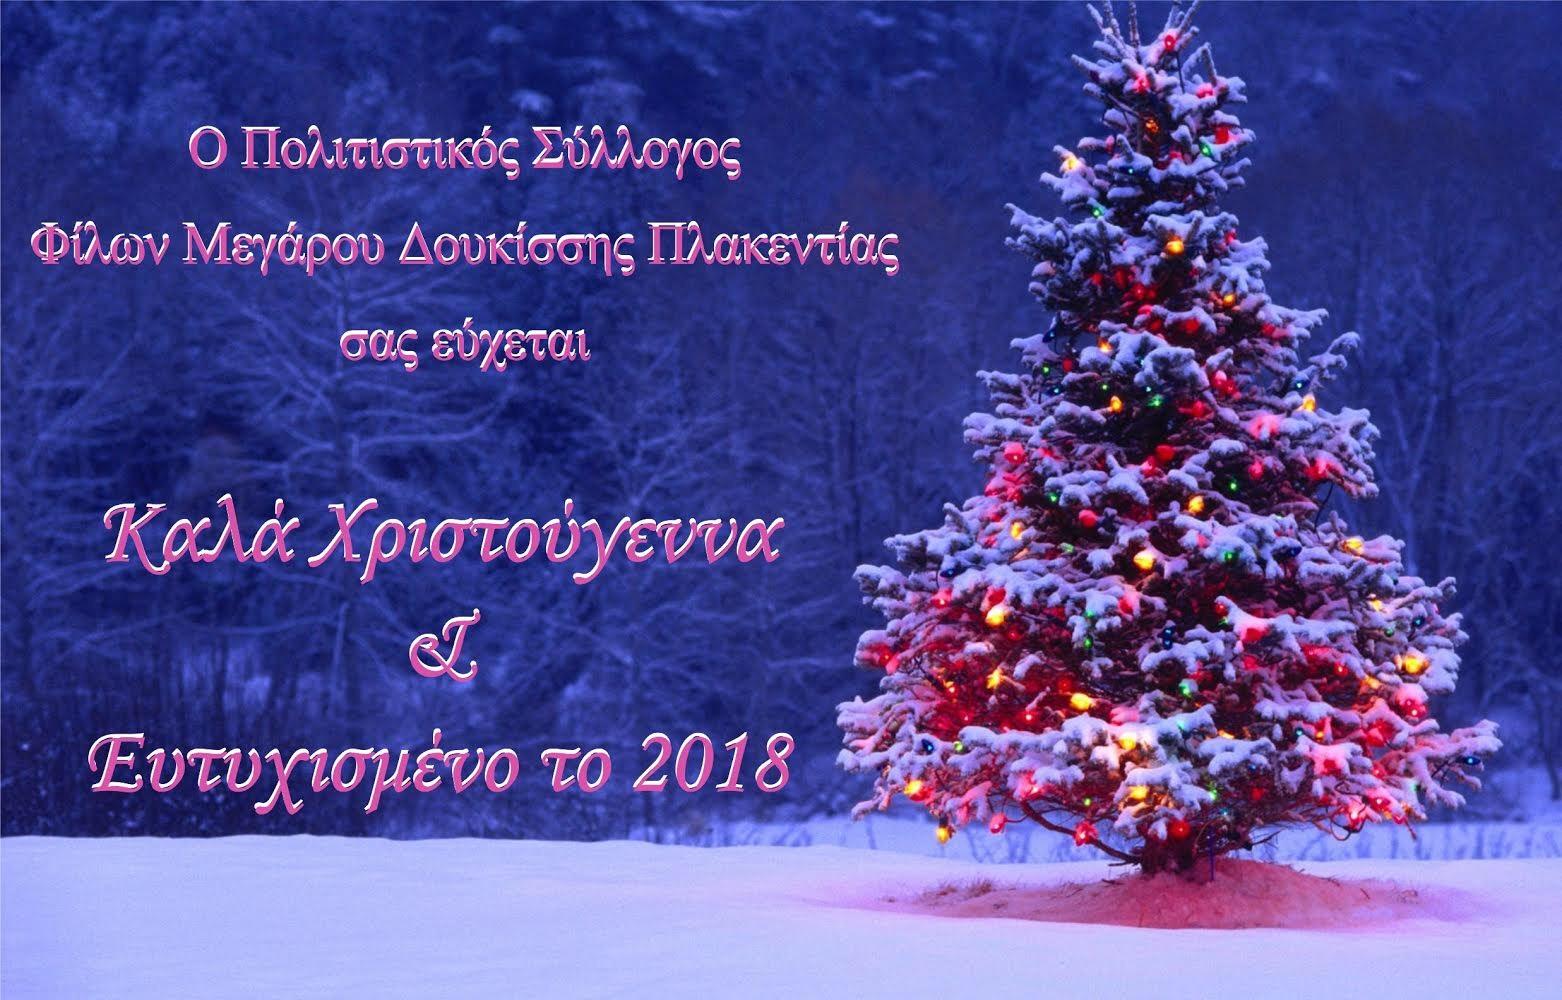 Καλά Χριστούγεννα και ευτυχισμένο το 2018